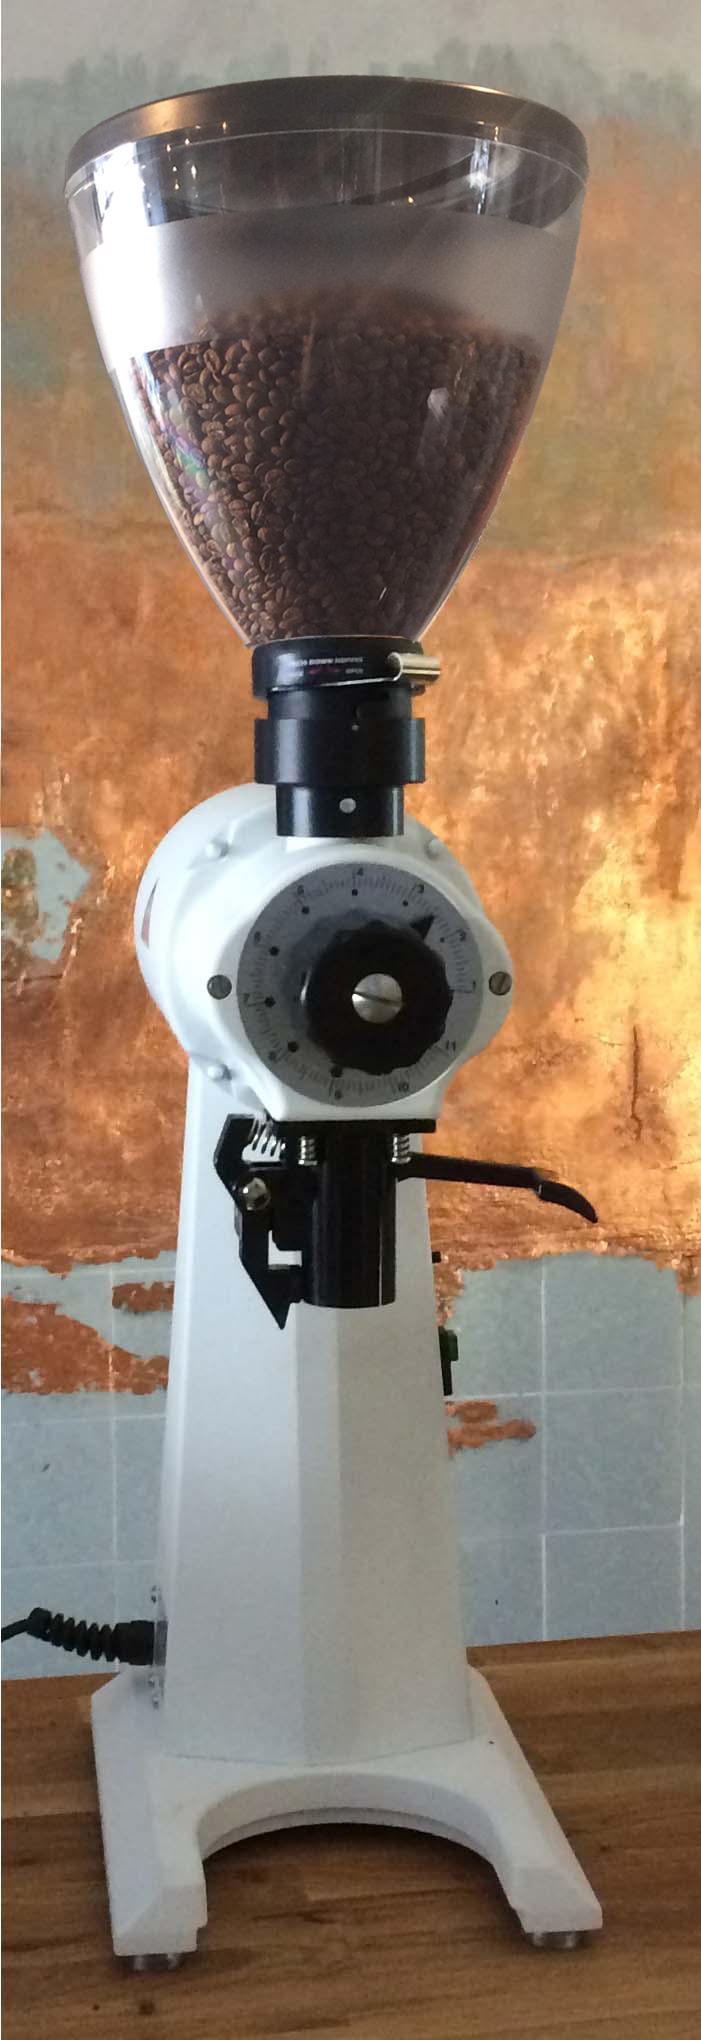 EK43 Mahlkönig grinder